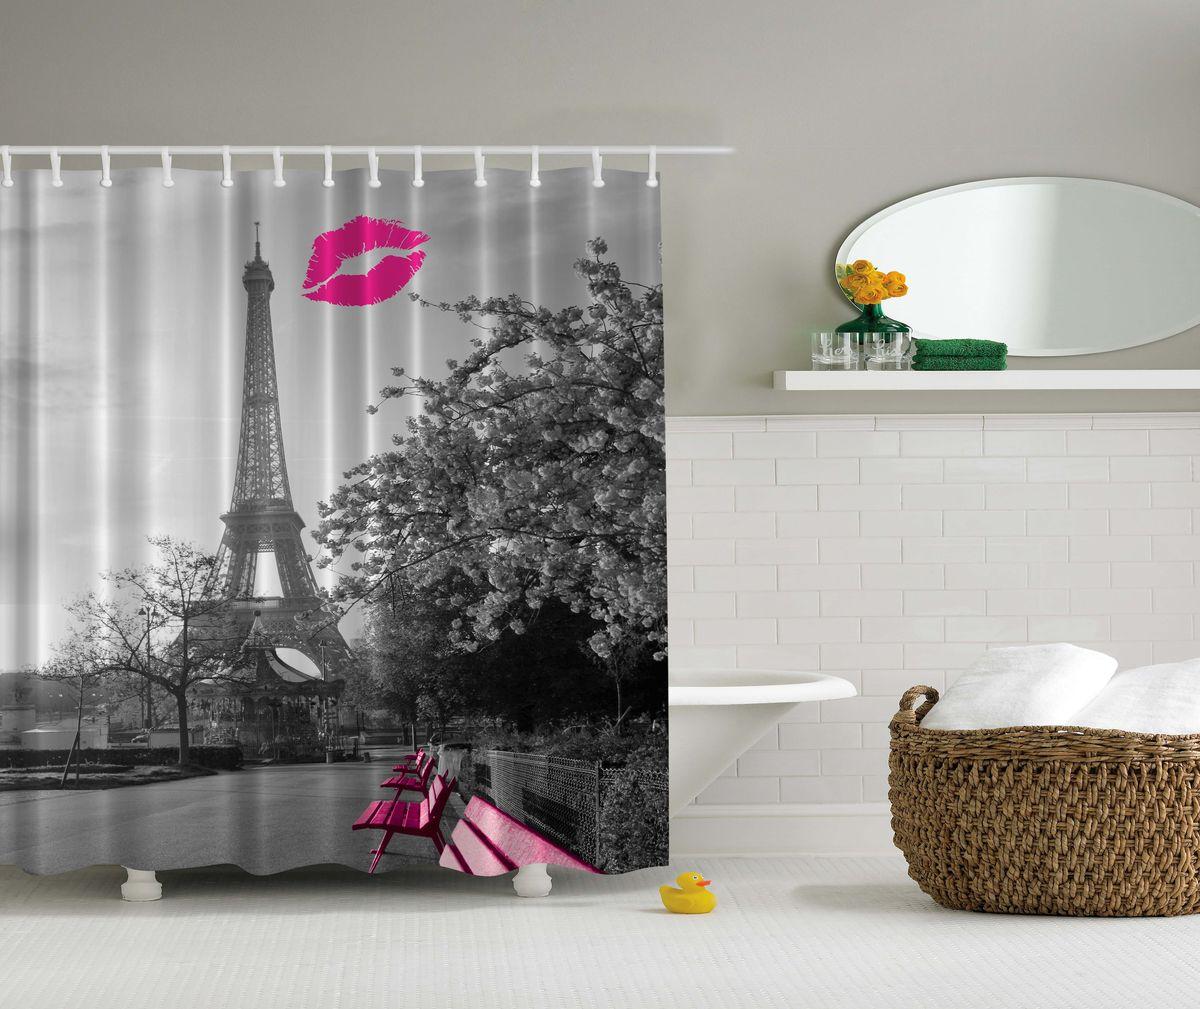 Штора для ванной комнаты Magic Lady Поцелуй в Париже, 180 х 200 смNLED-452-9W-BKШтора Magic Lady Поцелуй в Париже, изготовленная из высококачественного сатена (полиэстер 100%), отлично дополнит любой интерьер ванной комнаты. При изготовлении используются специальные гипоаллергенные чернила для прямой печати по ткани, безопасные для человека.В комплекте: 1 штора, 12 крючков. Обращаем ваше внимание, фактический цвет изделия может незначительно отличаться от представленного на фото.